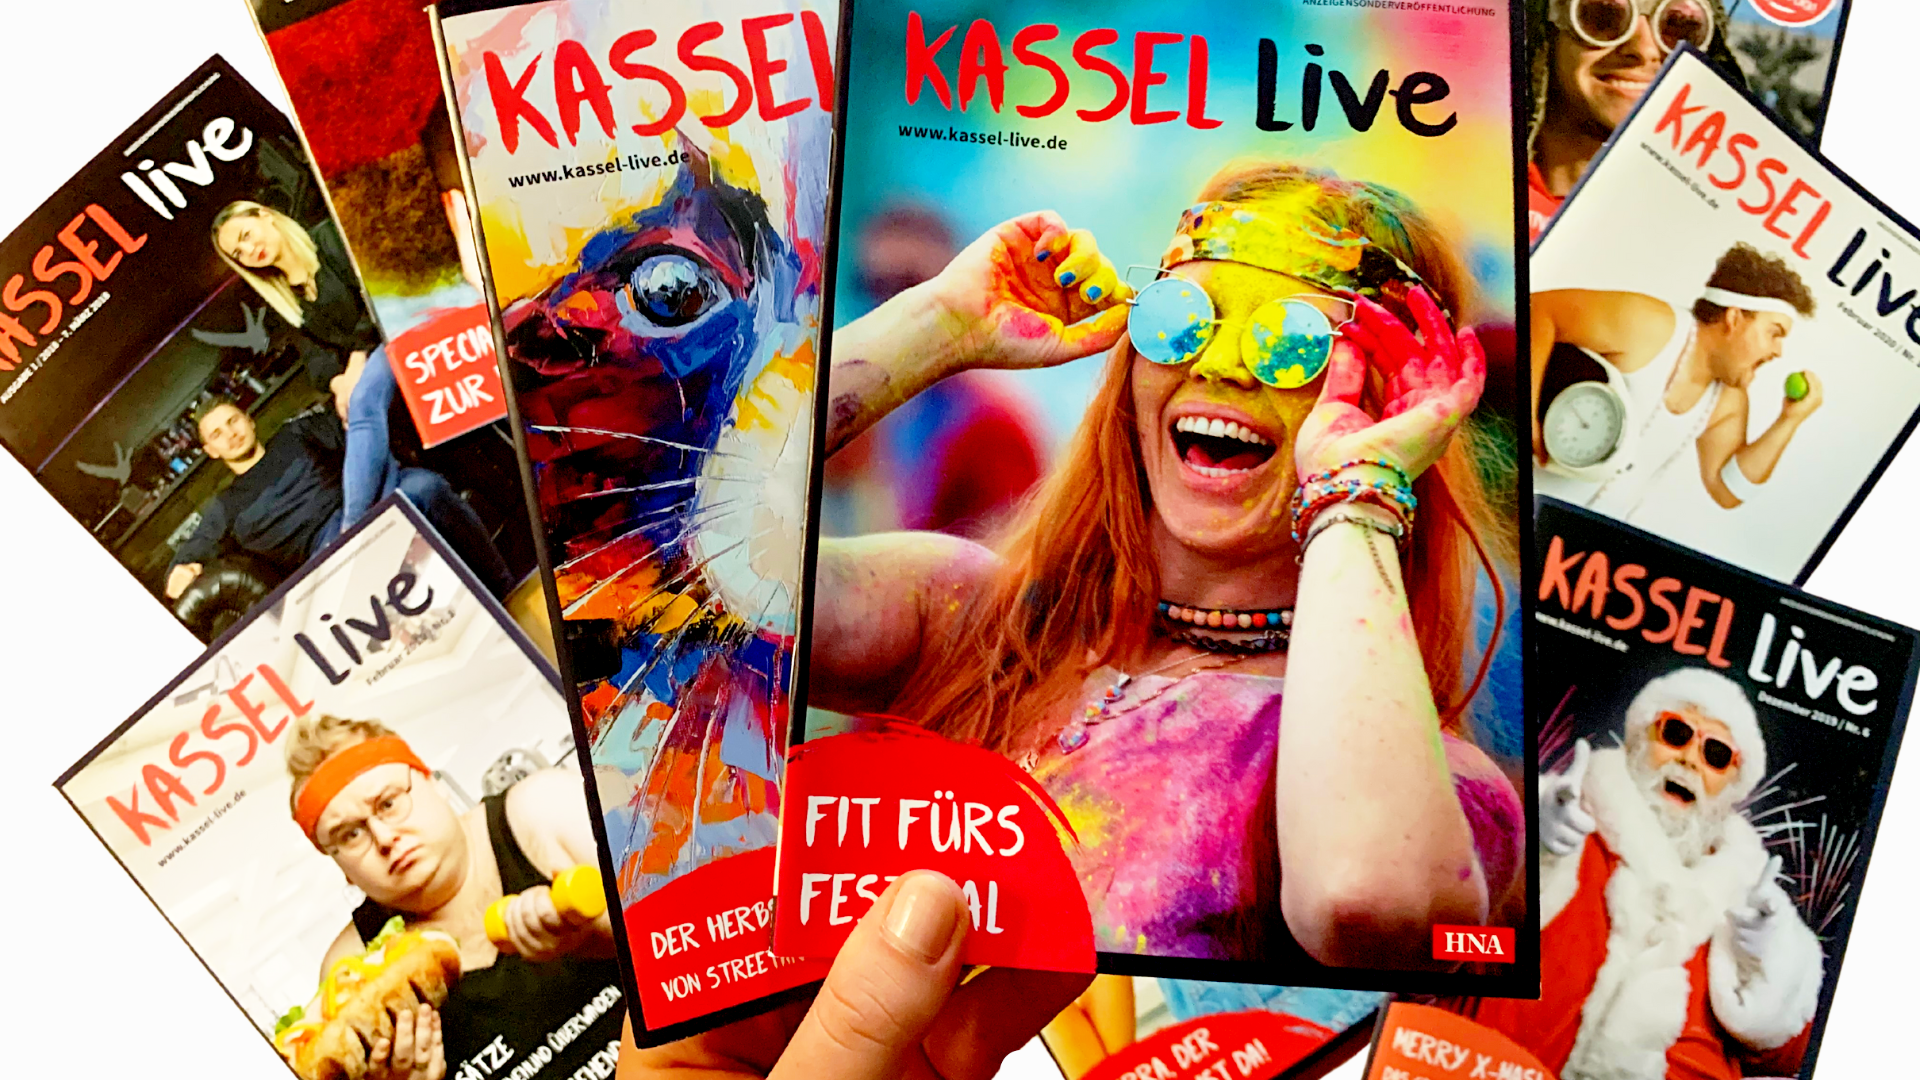 Kassel live 3